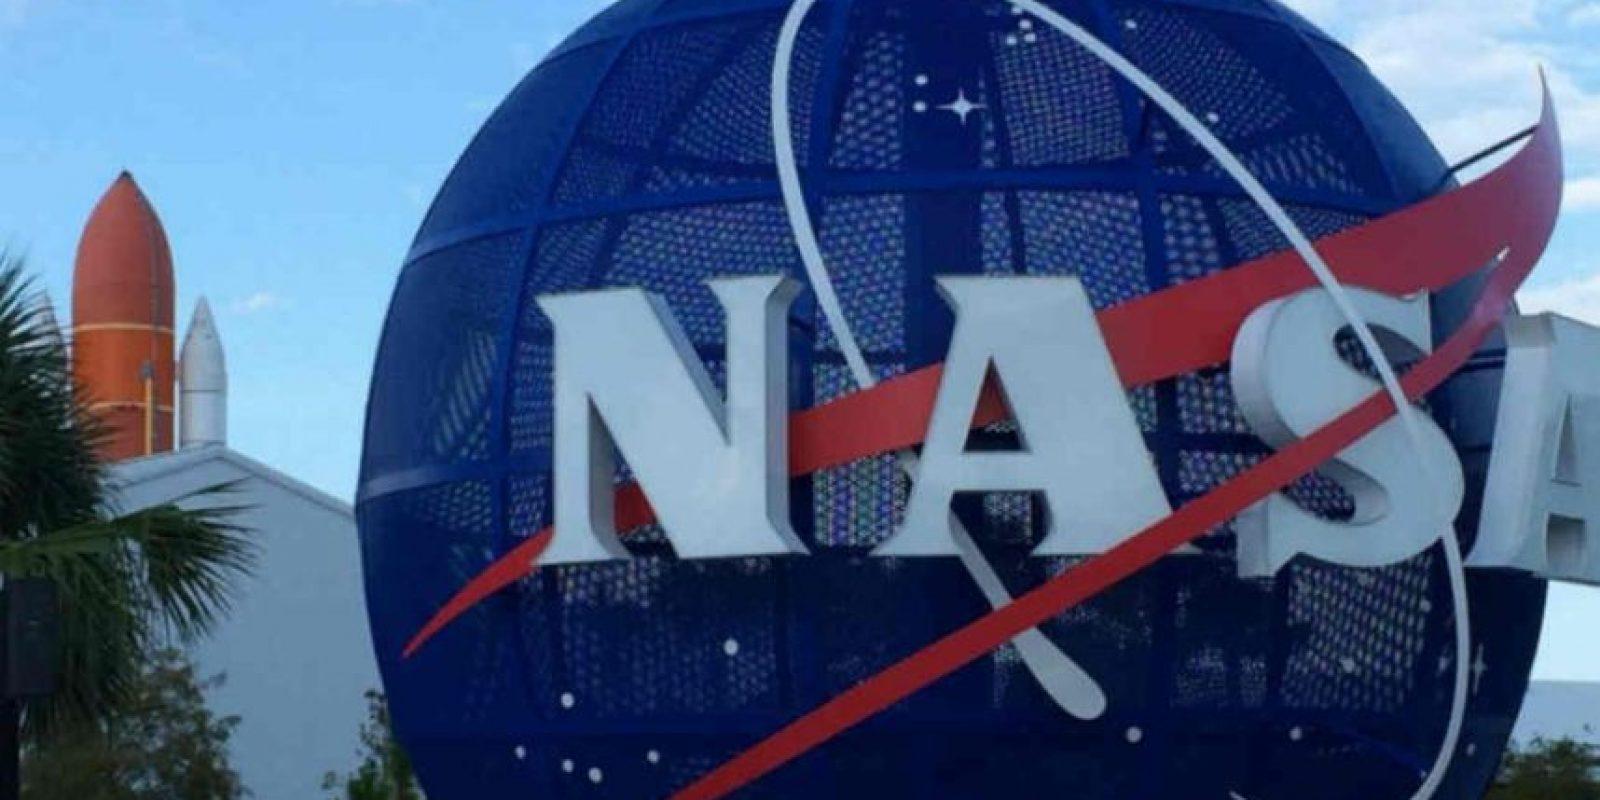 Con la incorporación de esta cuenta, la NASA cuenta ya con 14 canales en redes sociales. Foto:NASA. Imagen Por: